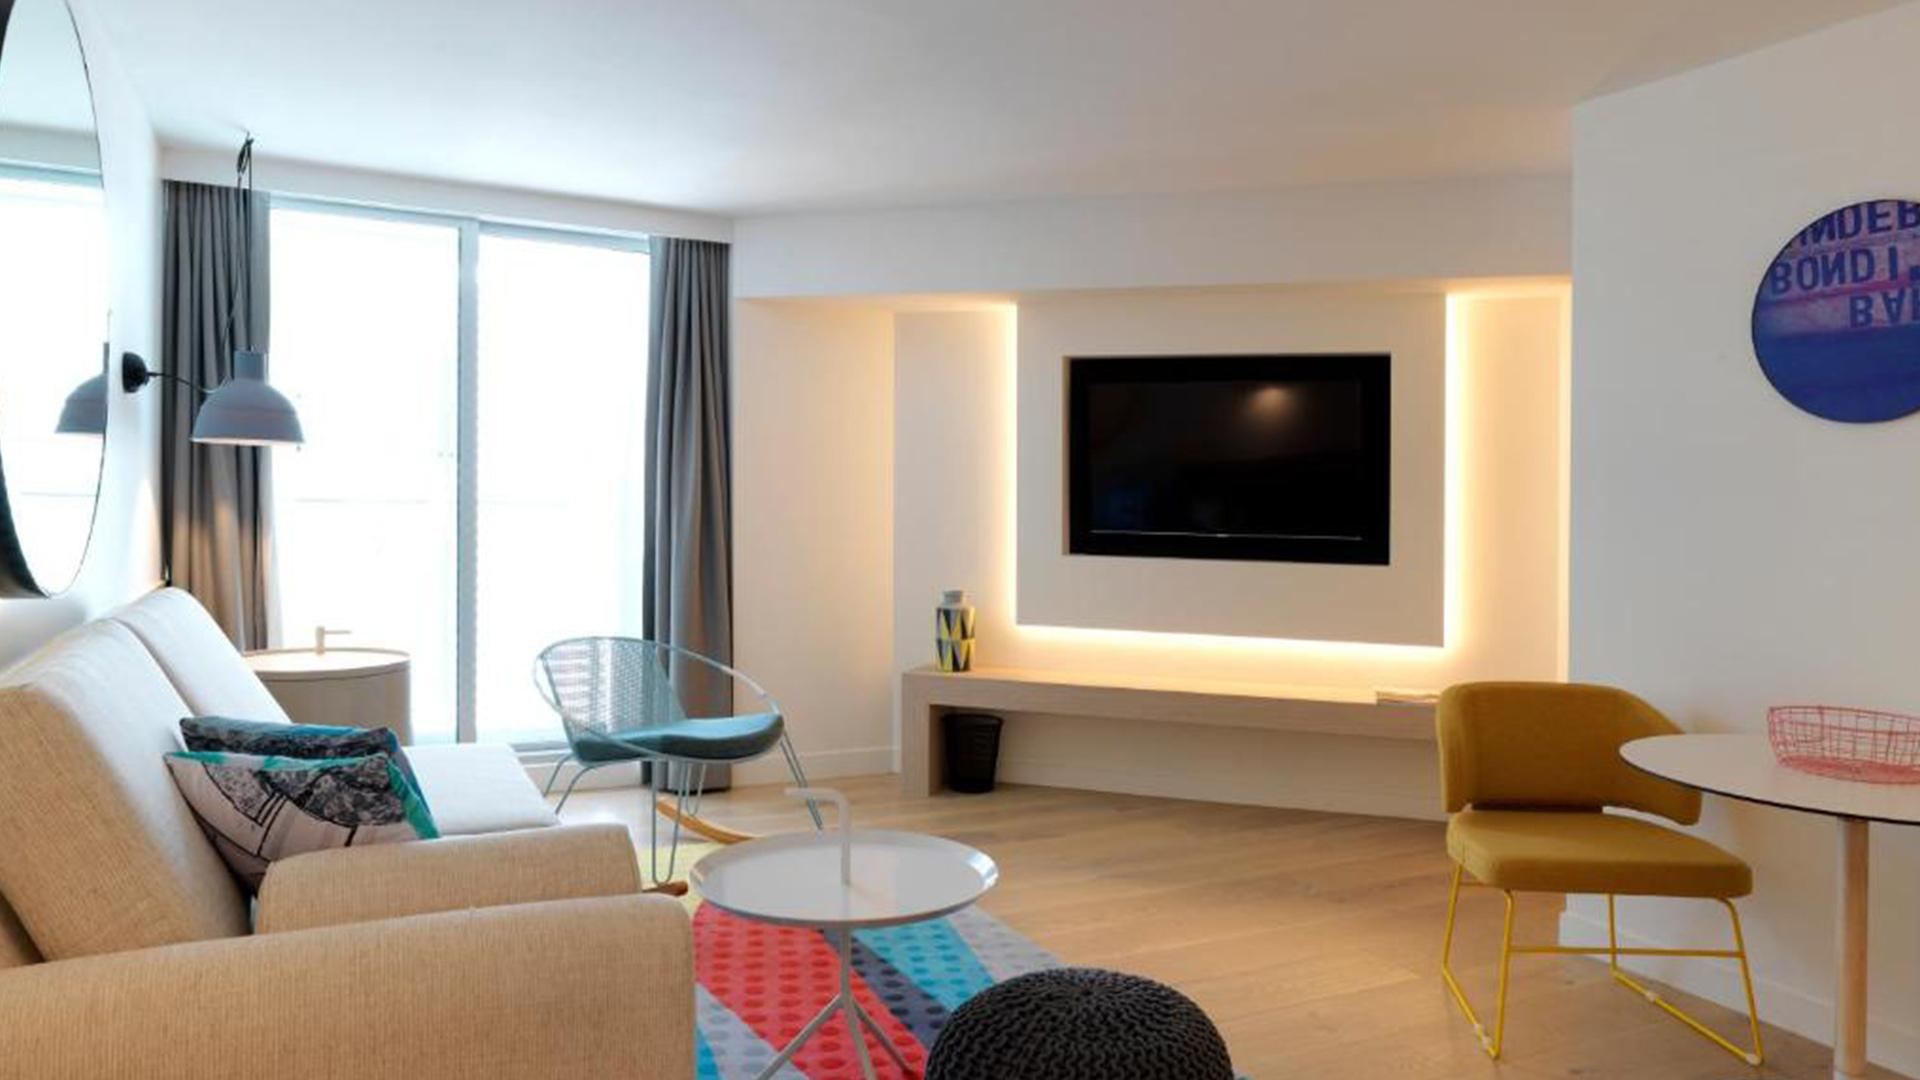 Atrium Suite image 1 at QT Bondi by Waverley Council, New South Wales, Australia